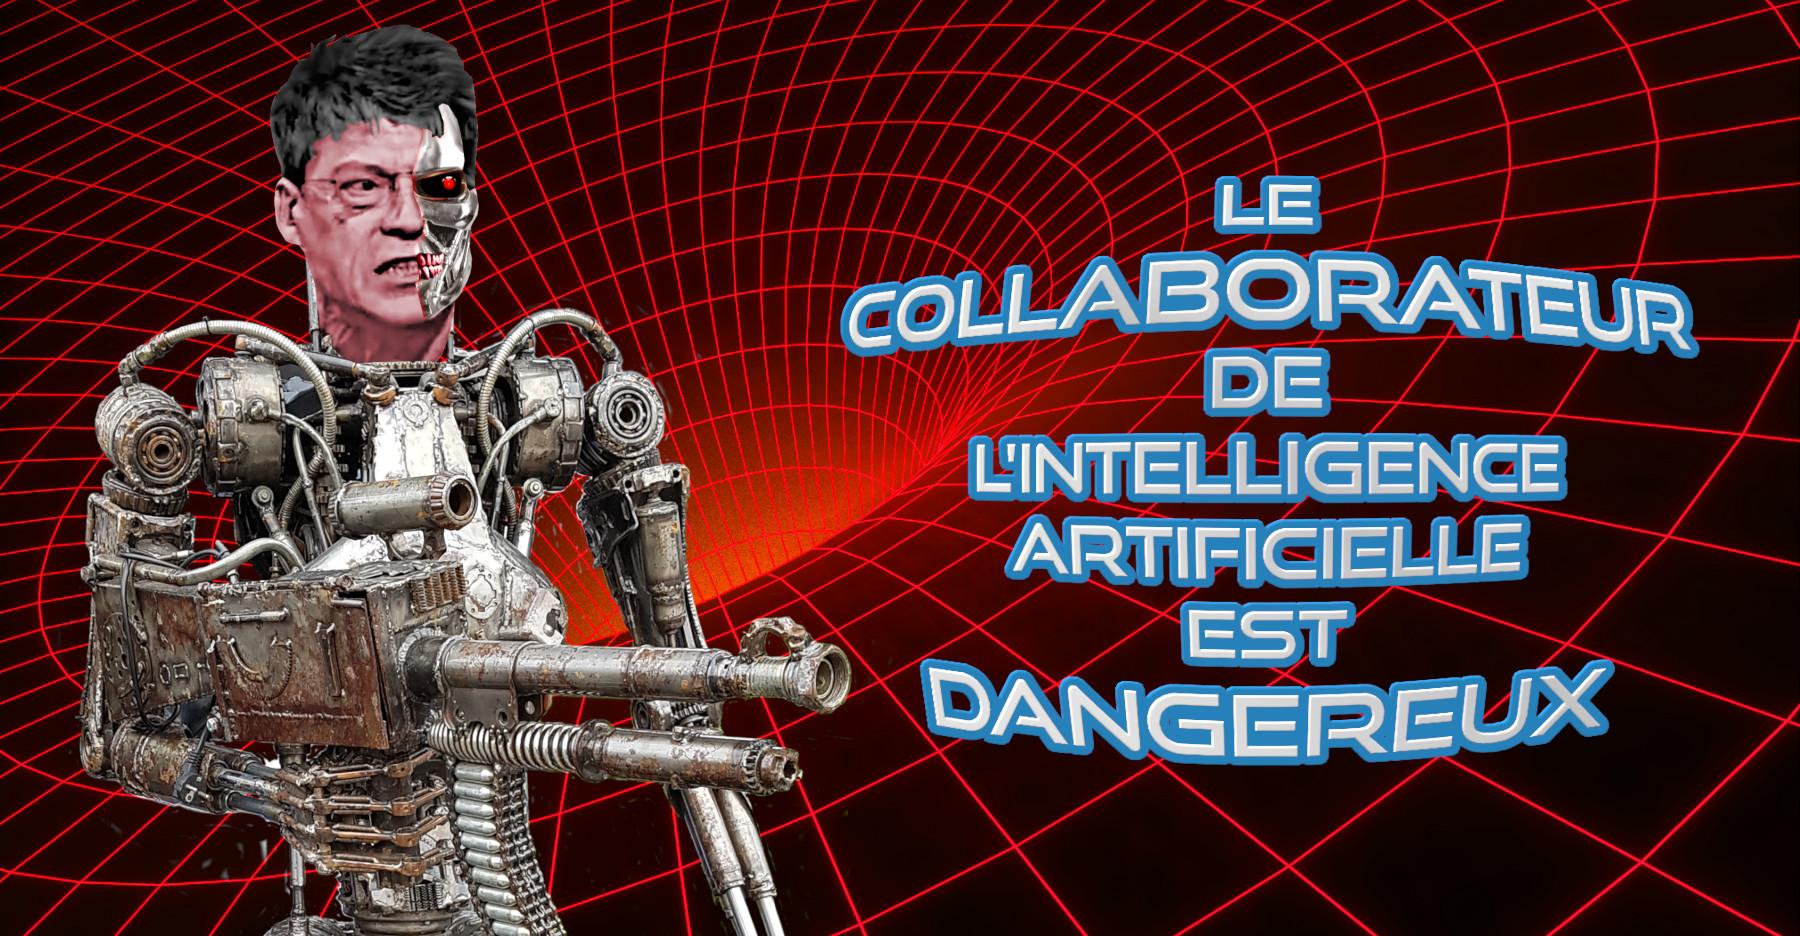 Le collabo de l'intelligence artificielle est dangereux.